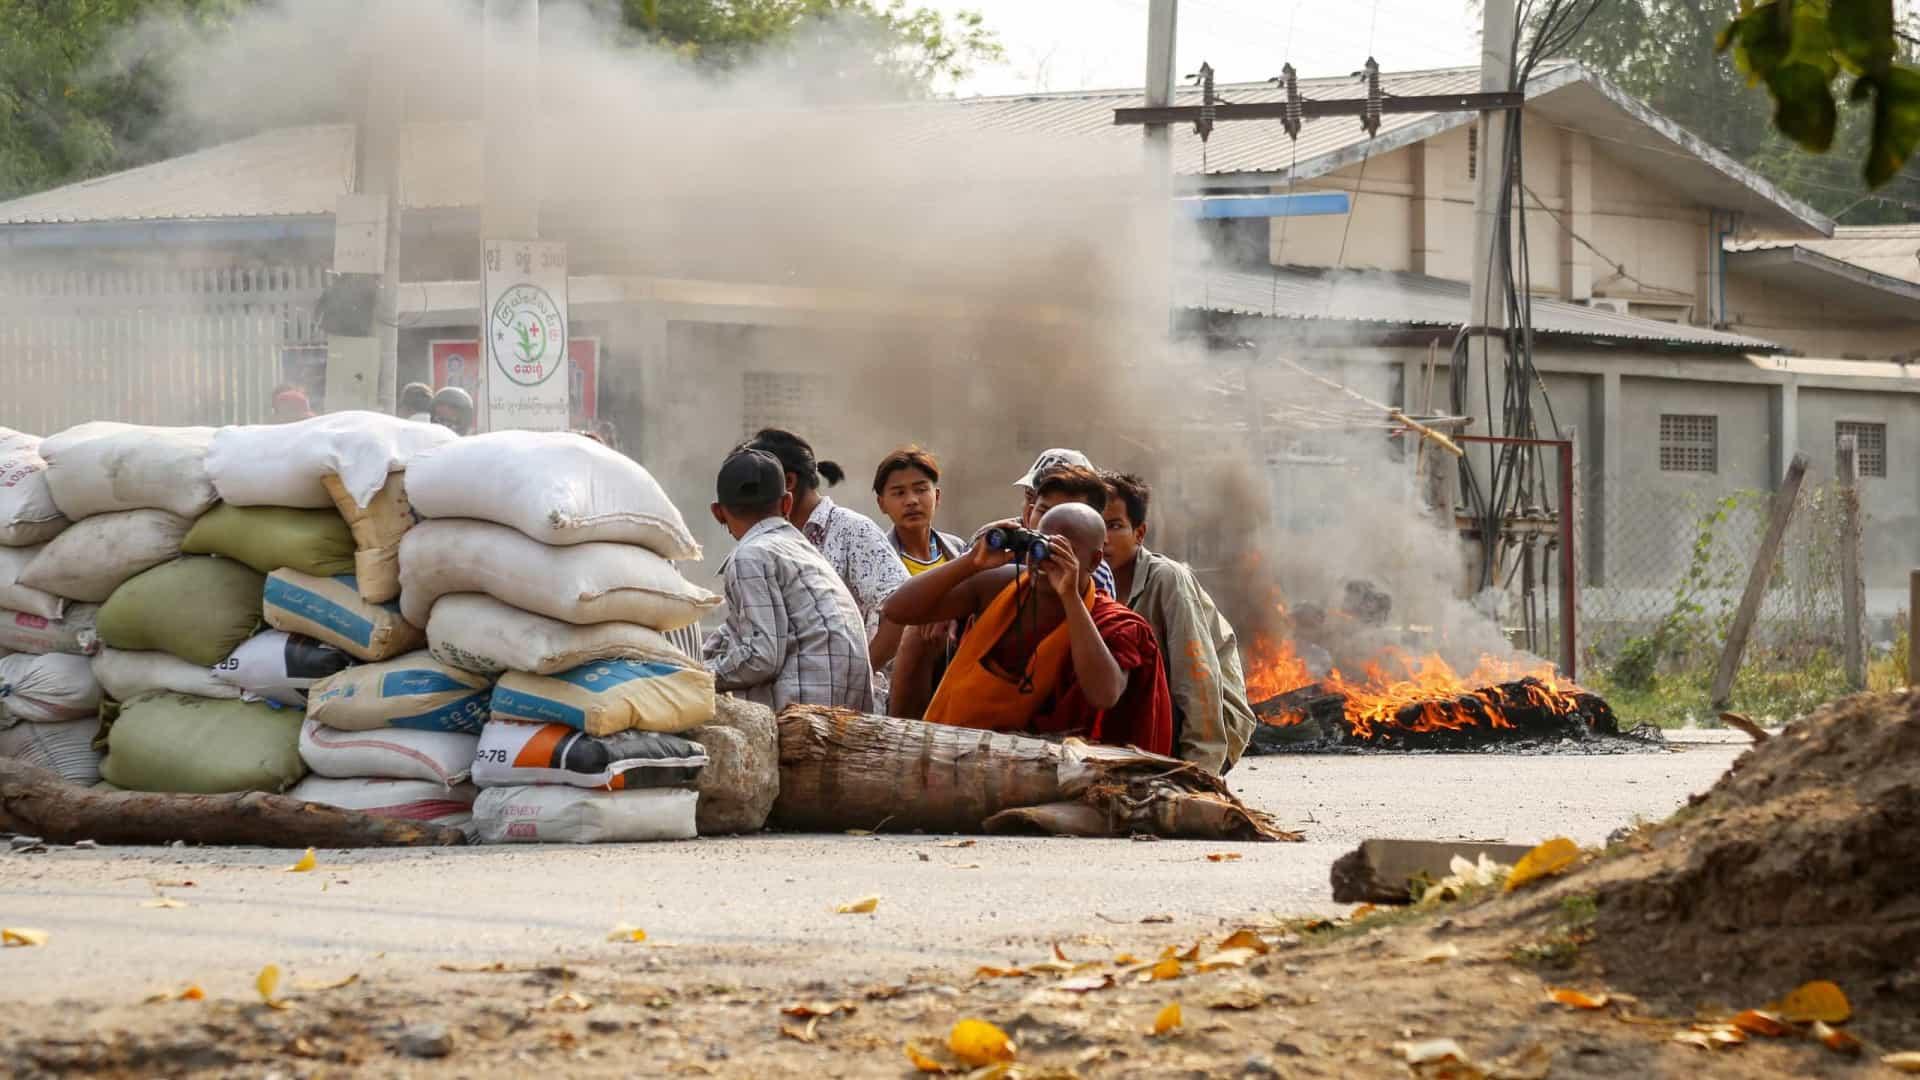 Violência militar em Mianmar. Número de mortos ultrapassa os 300